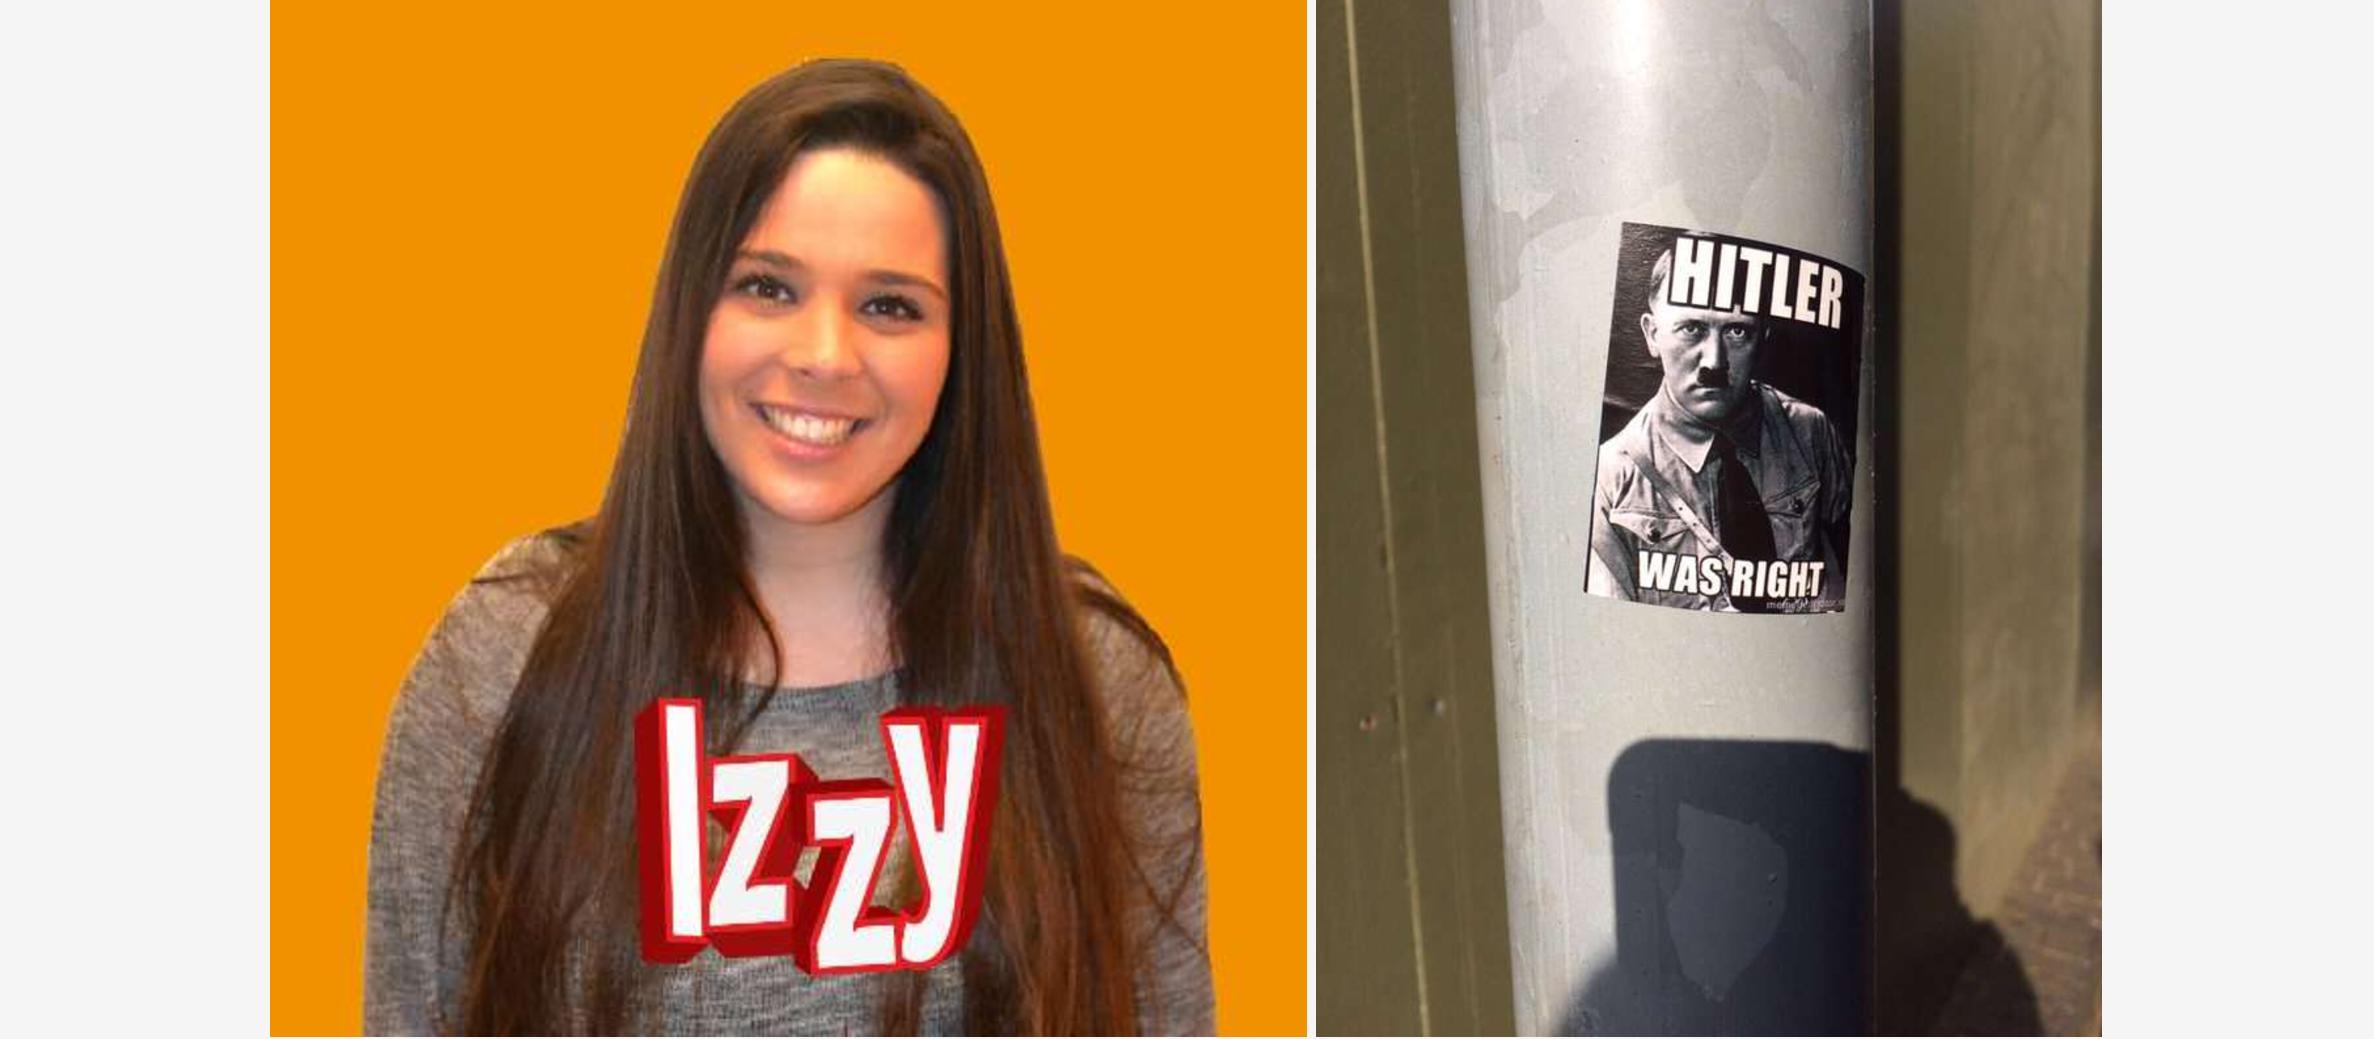 Birmingham University student receives anti-Semitic abuse for exposing campus anti-Semitism